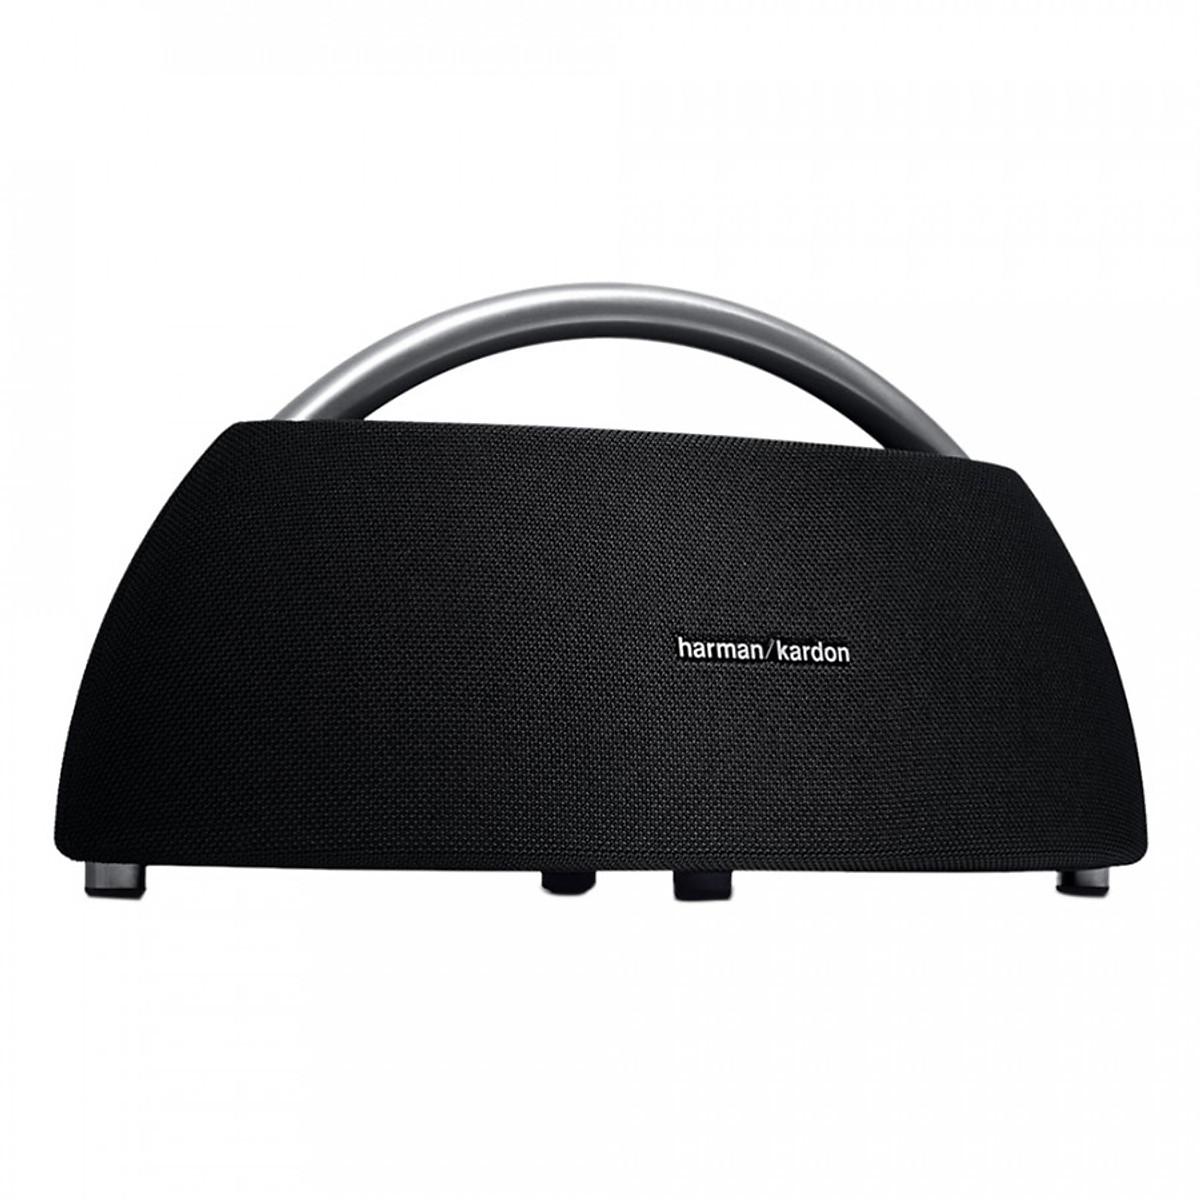 Loa Bluetooth harman/kardon GO + PLAY MINI -Hàng chính hãng - 3